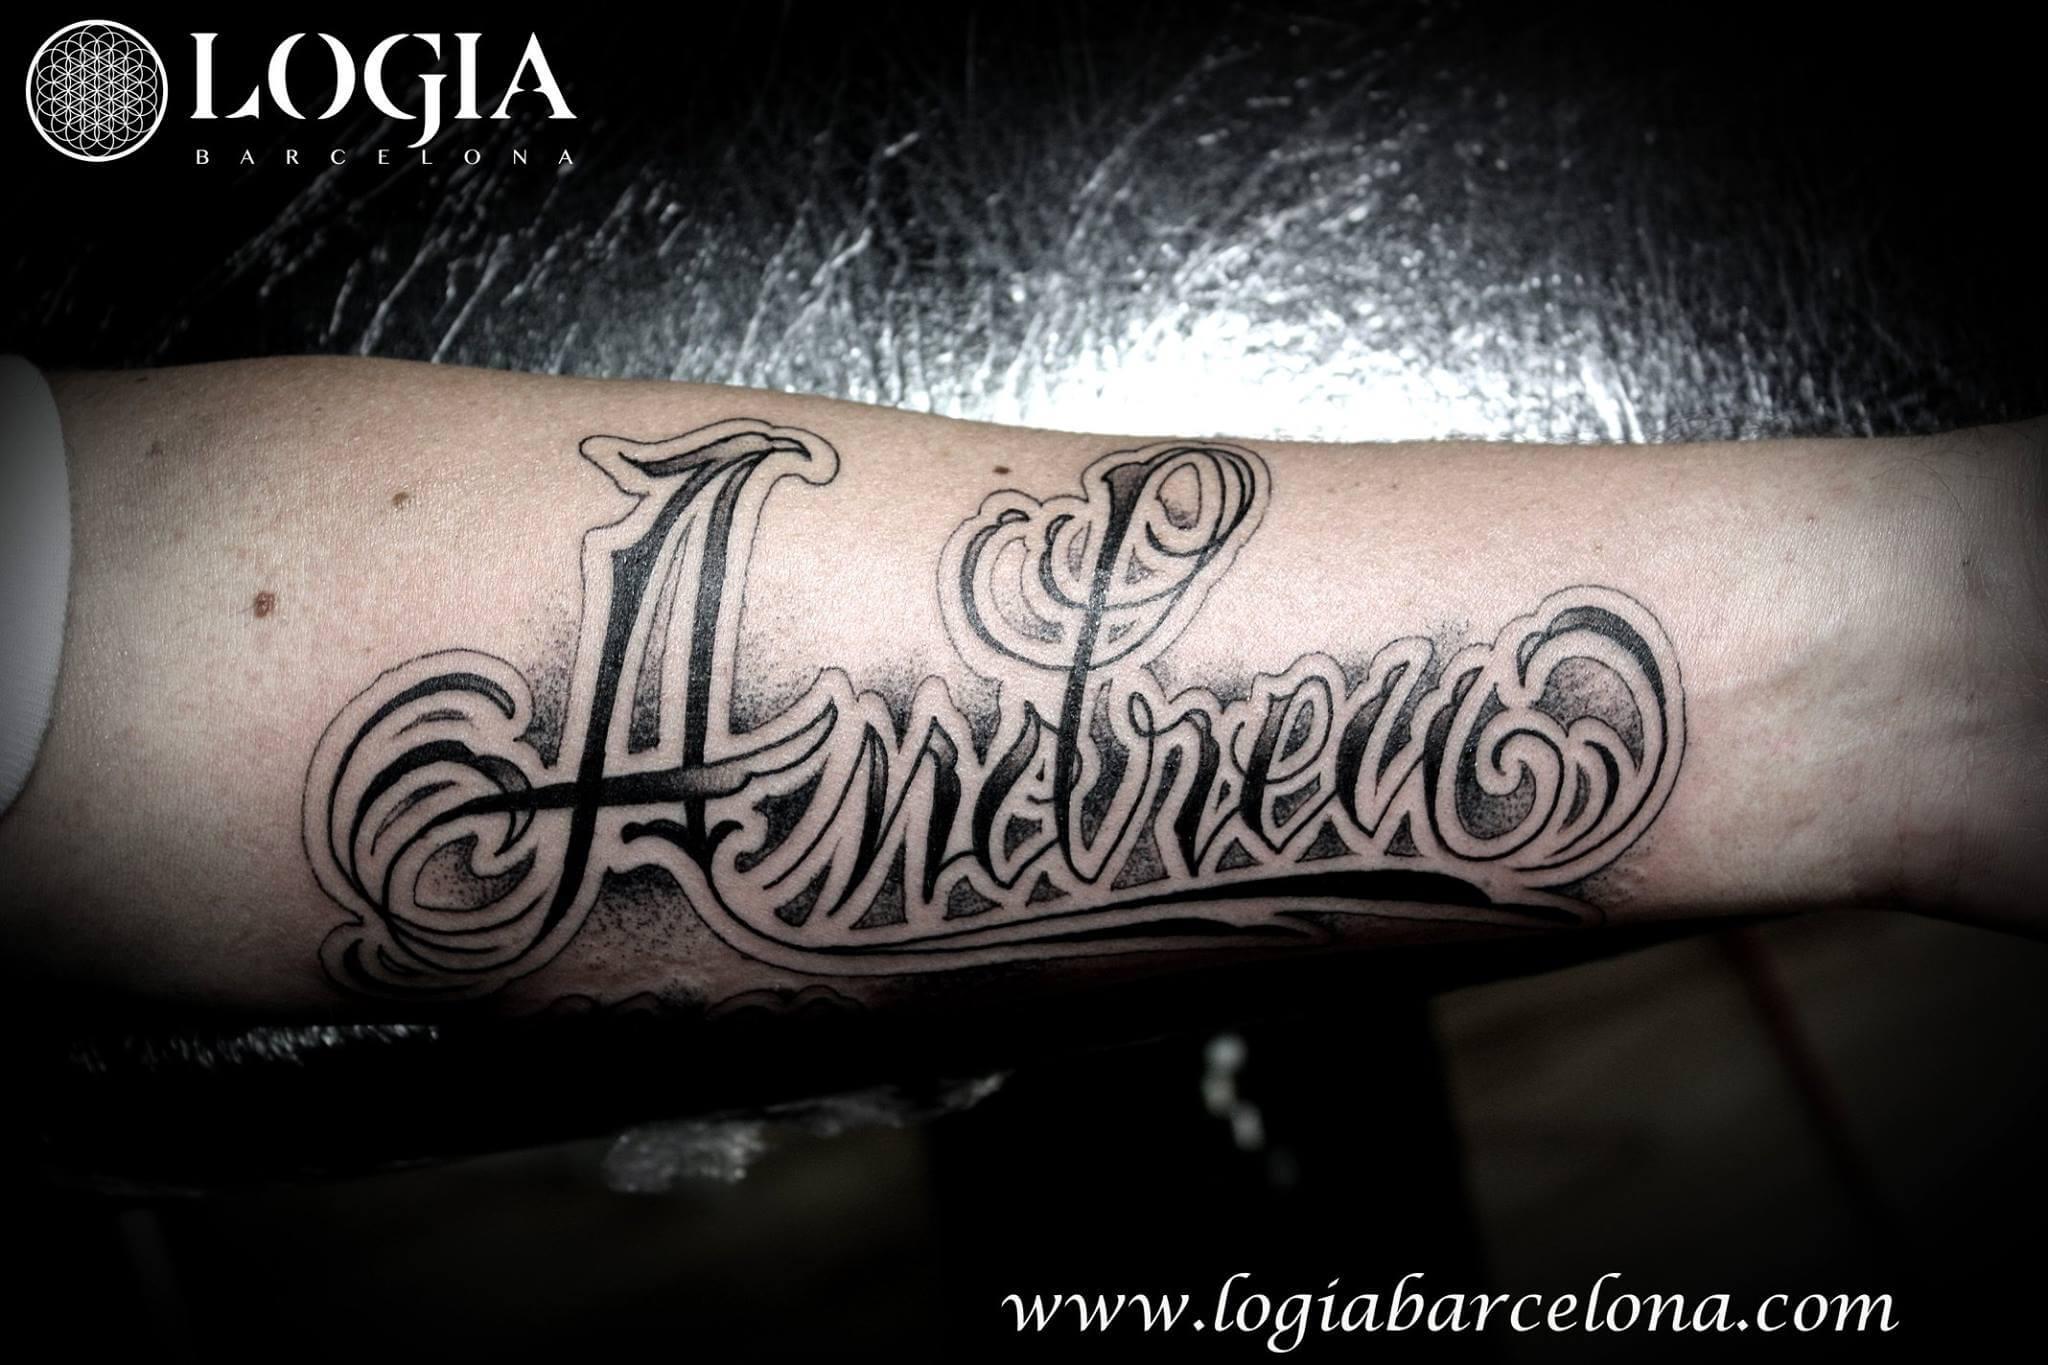 Cómo encontrar tipografías para tatuajes